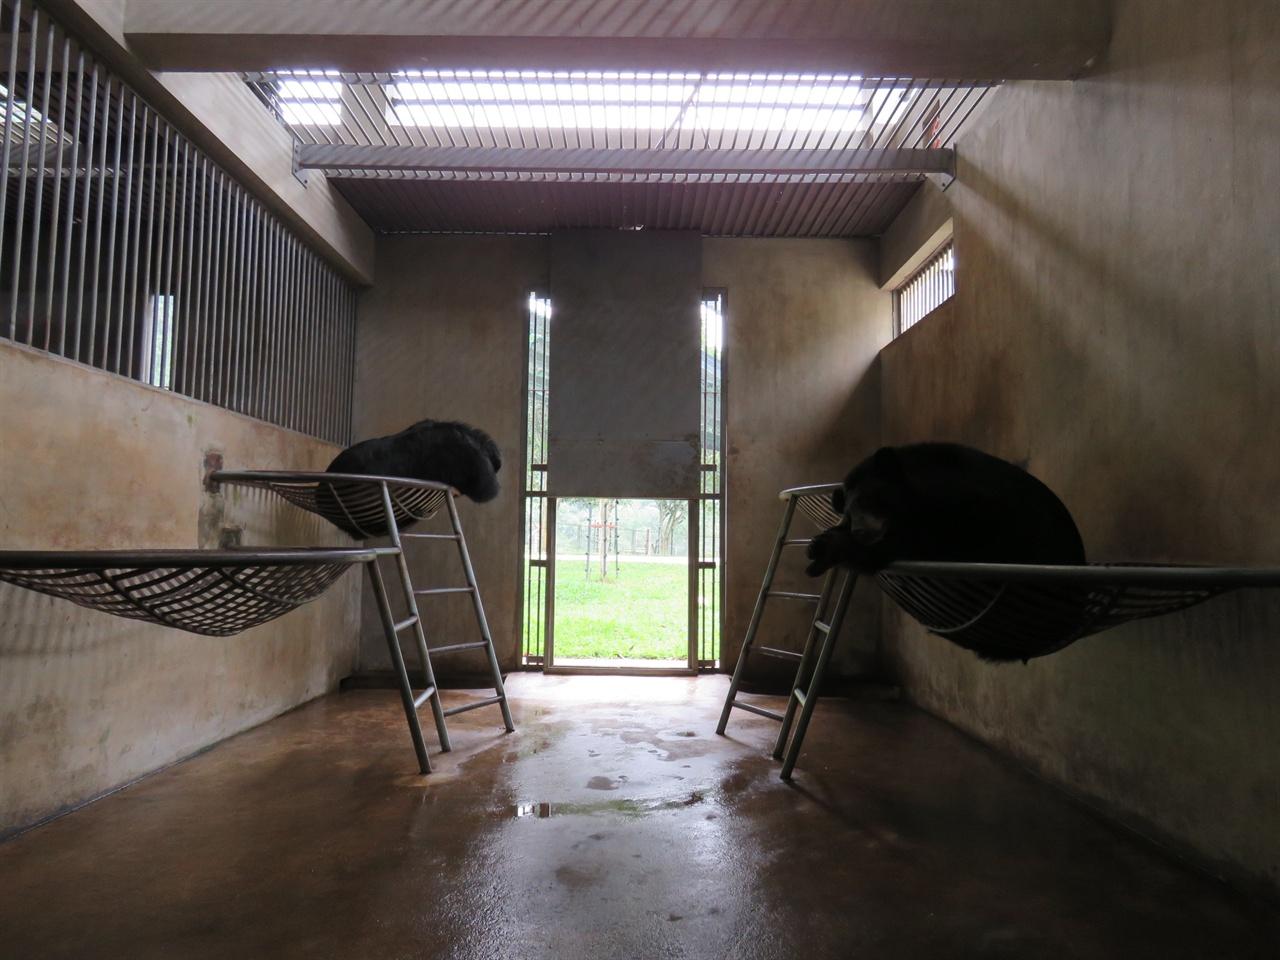 방에서 휴식을 취하는 곰들. 방사장과 방을 자유로이 오갈 수 있다.